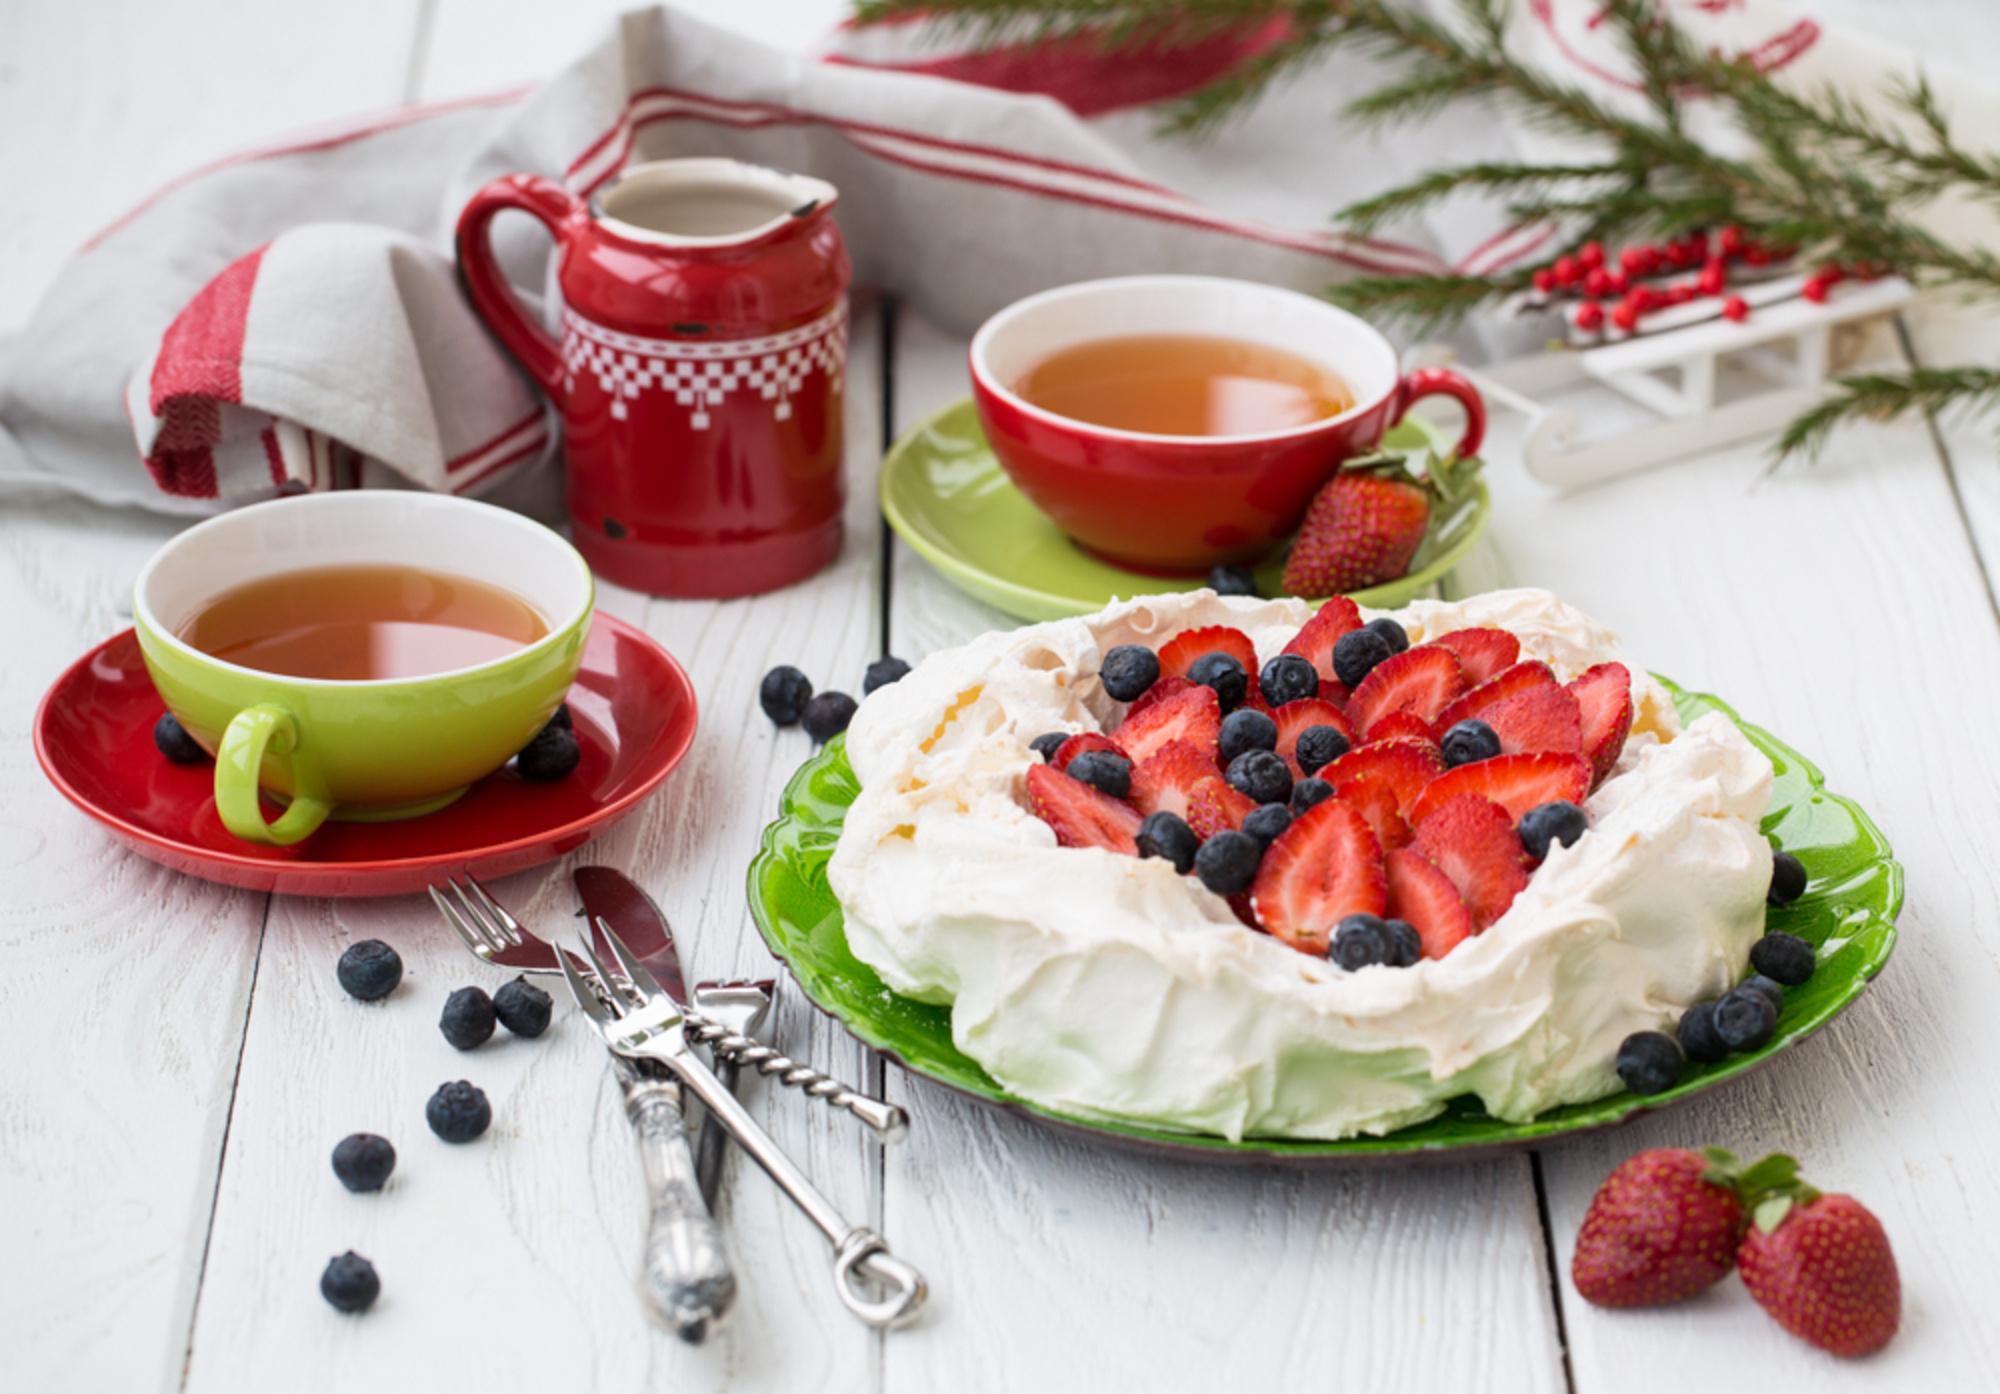 еда чай конфеты яблоки food tea candy apples  № 325881 загрузить